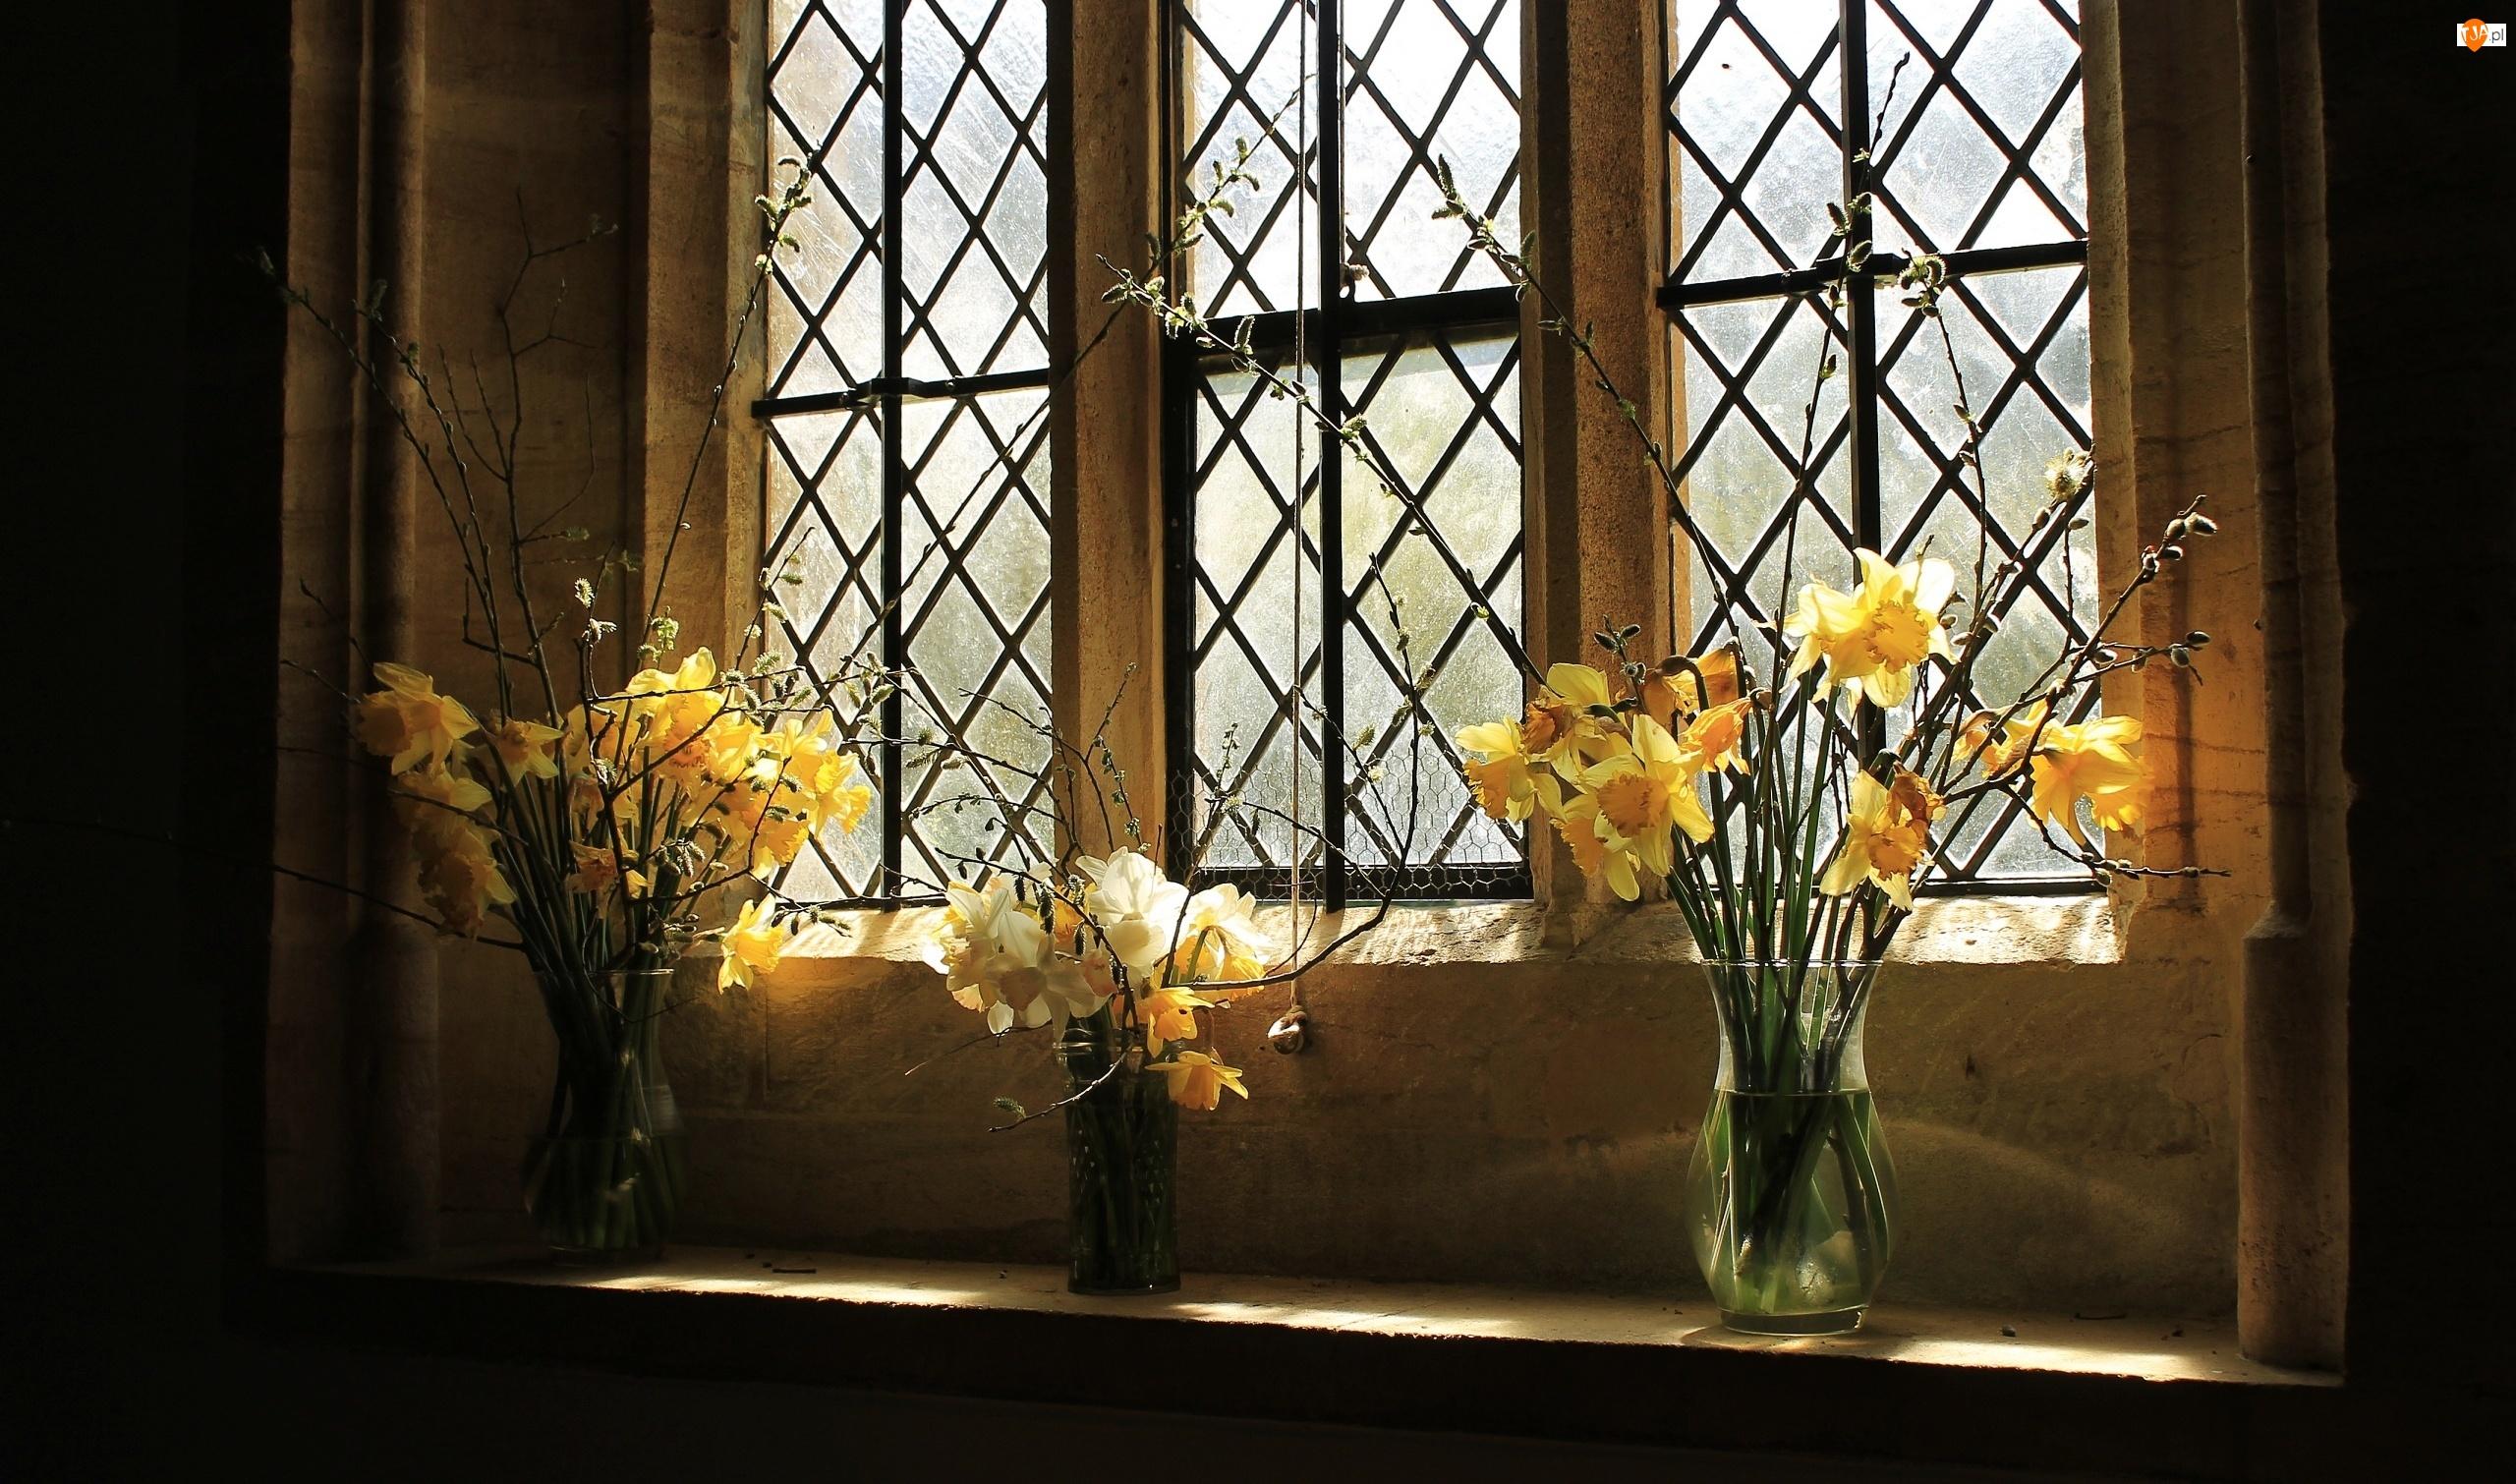 Żonkile, Wnętrze, Bukiety, Okno, Kwiatów